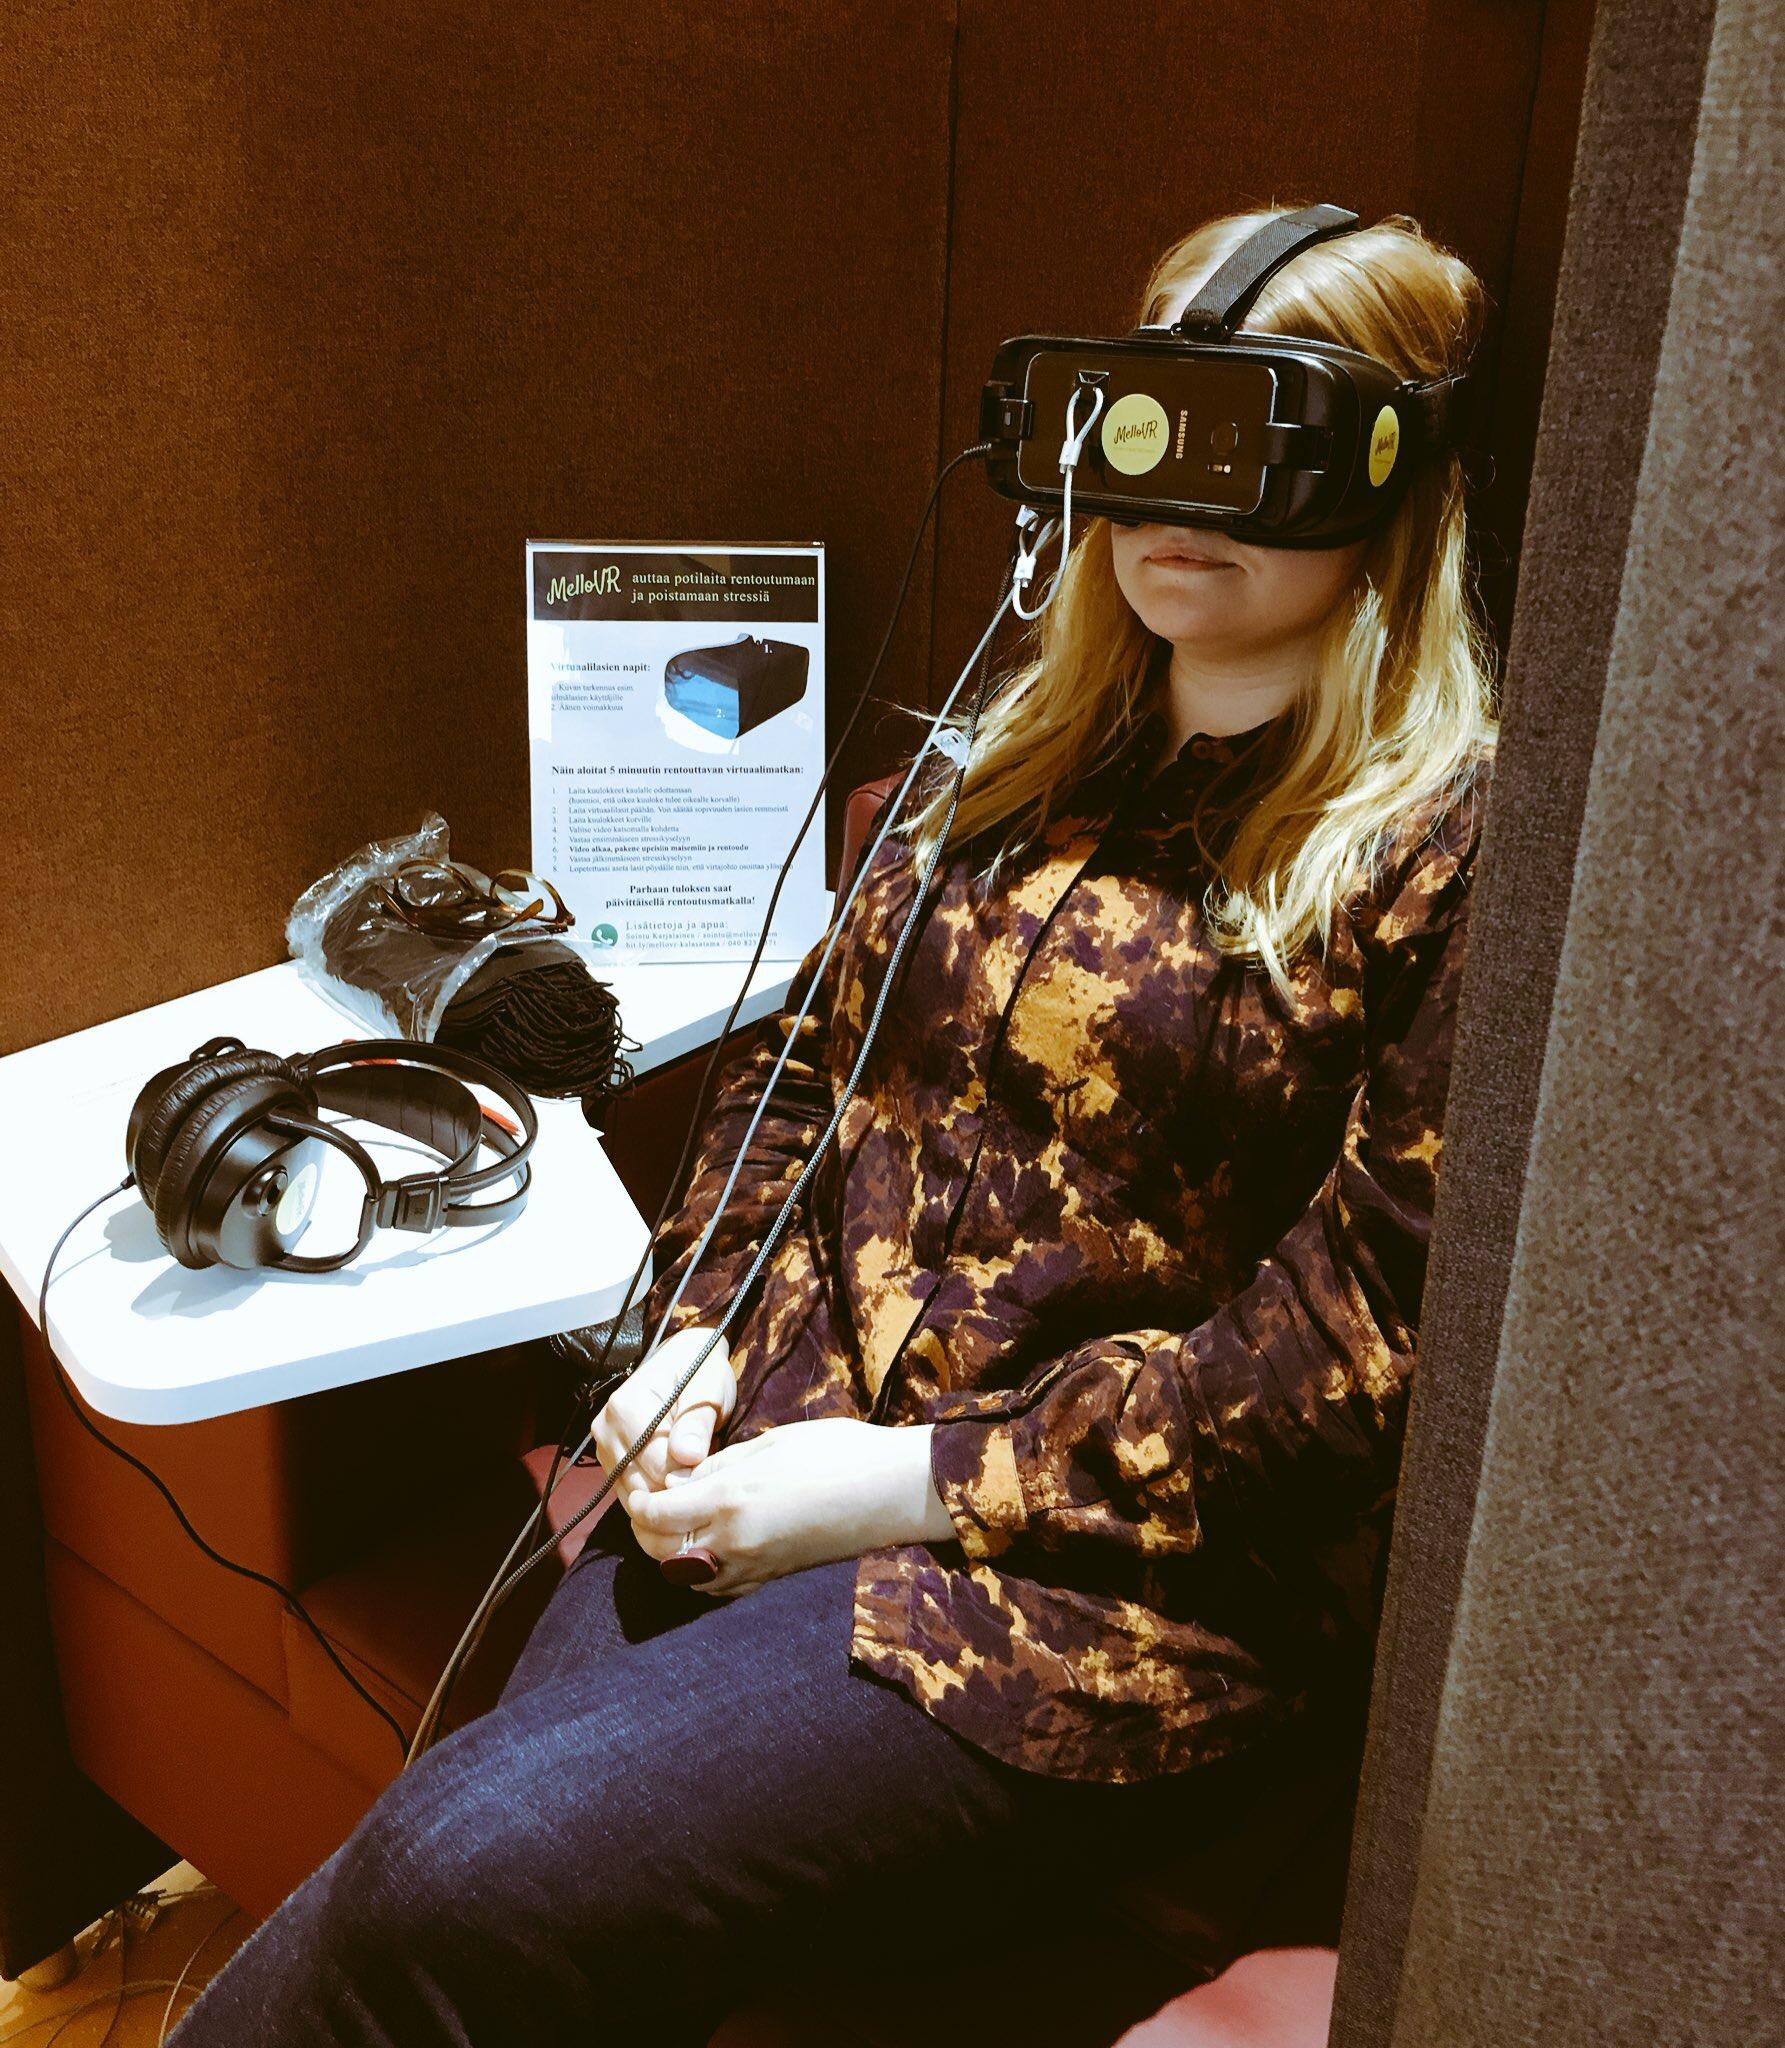 Hammashoidon asiakkaat virtuaalimatkalle Kalasataman kokeilussa